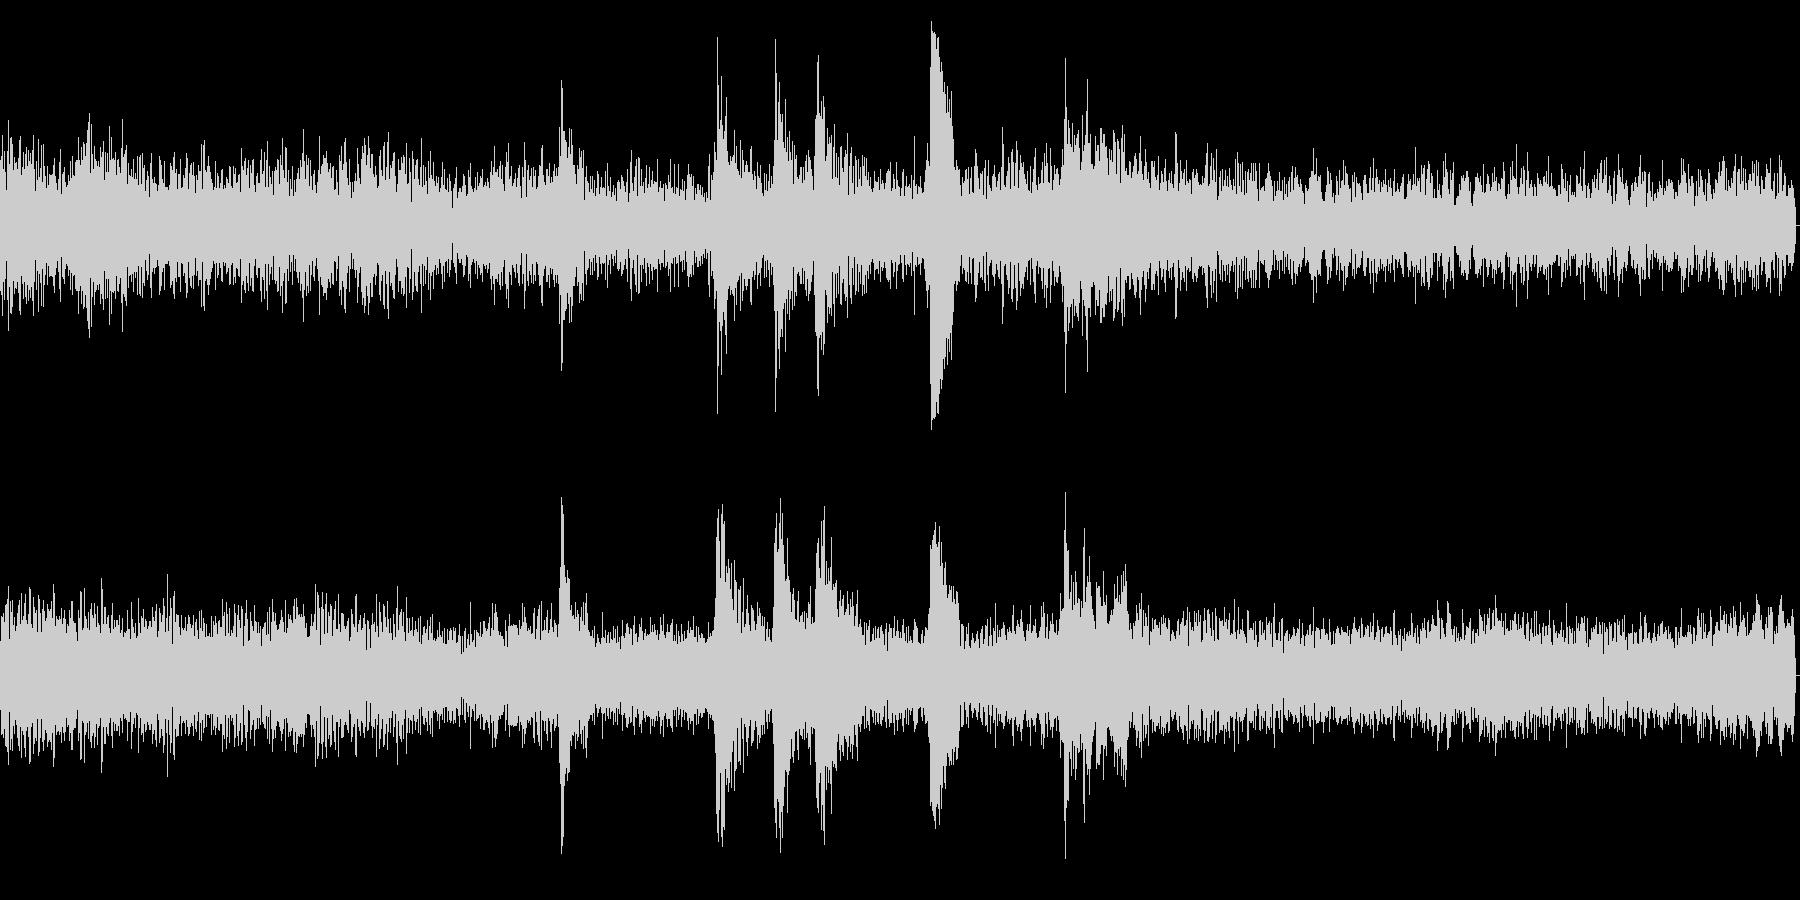 ガガガガ(騒がしい音)の未再生の波形